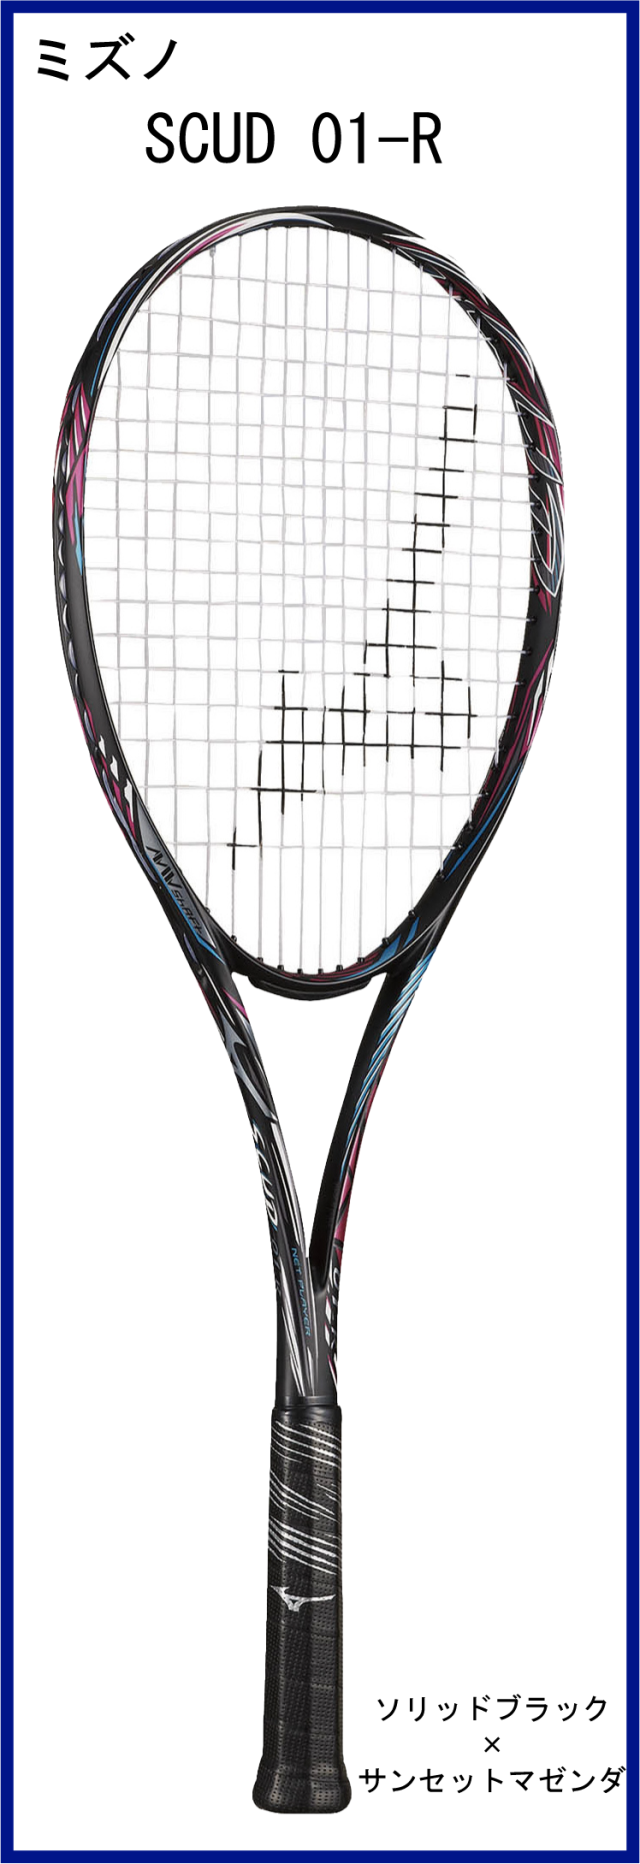 【予約商品】 【新デザインラケット】 ミズノ SCUD 01-R スカッド 01アール (ソリッドブラック×サンセットマゼンダ) 【11月発売予定】